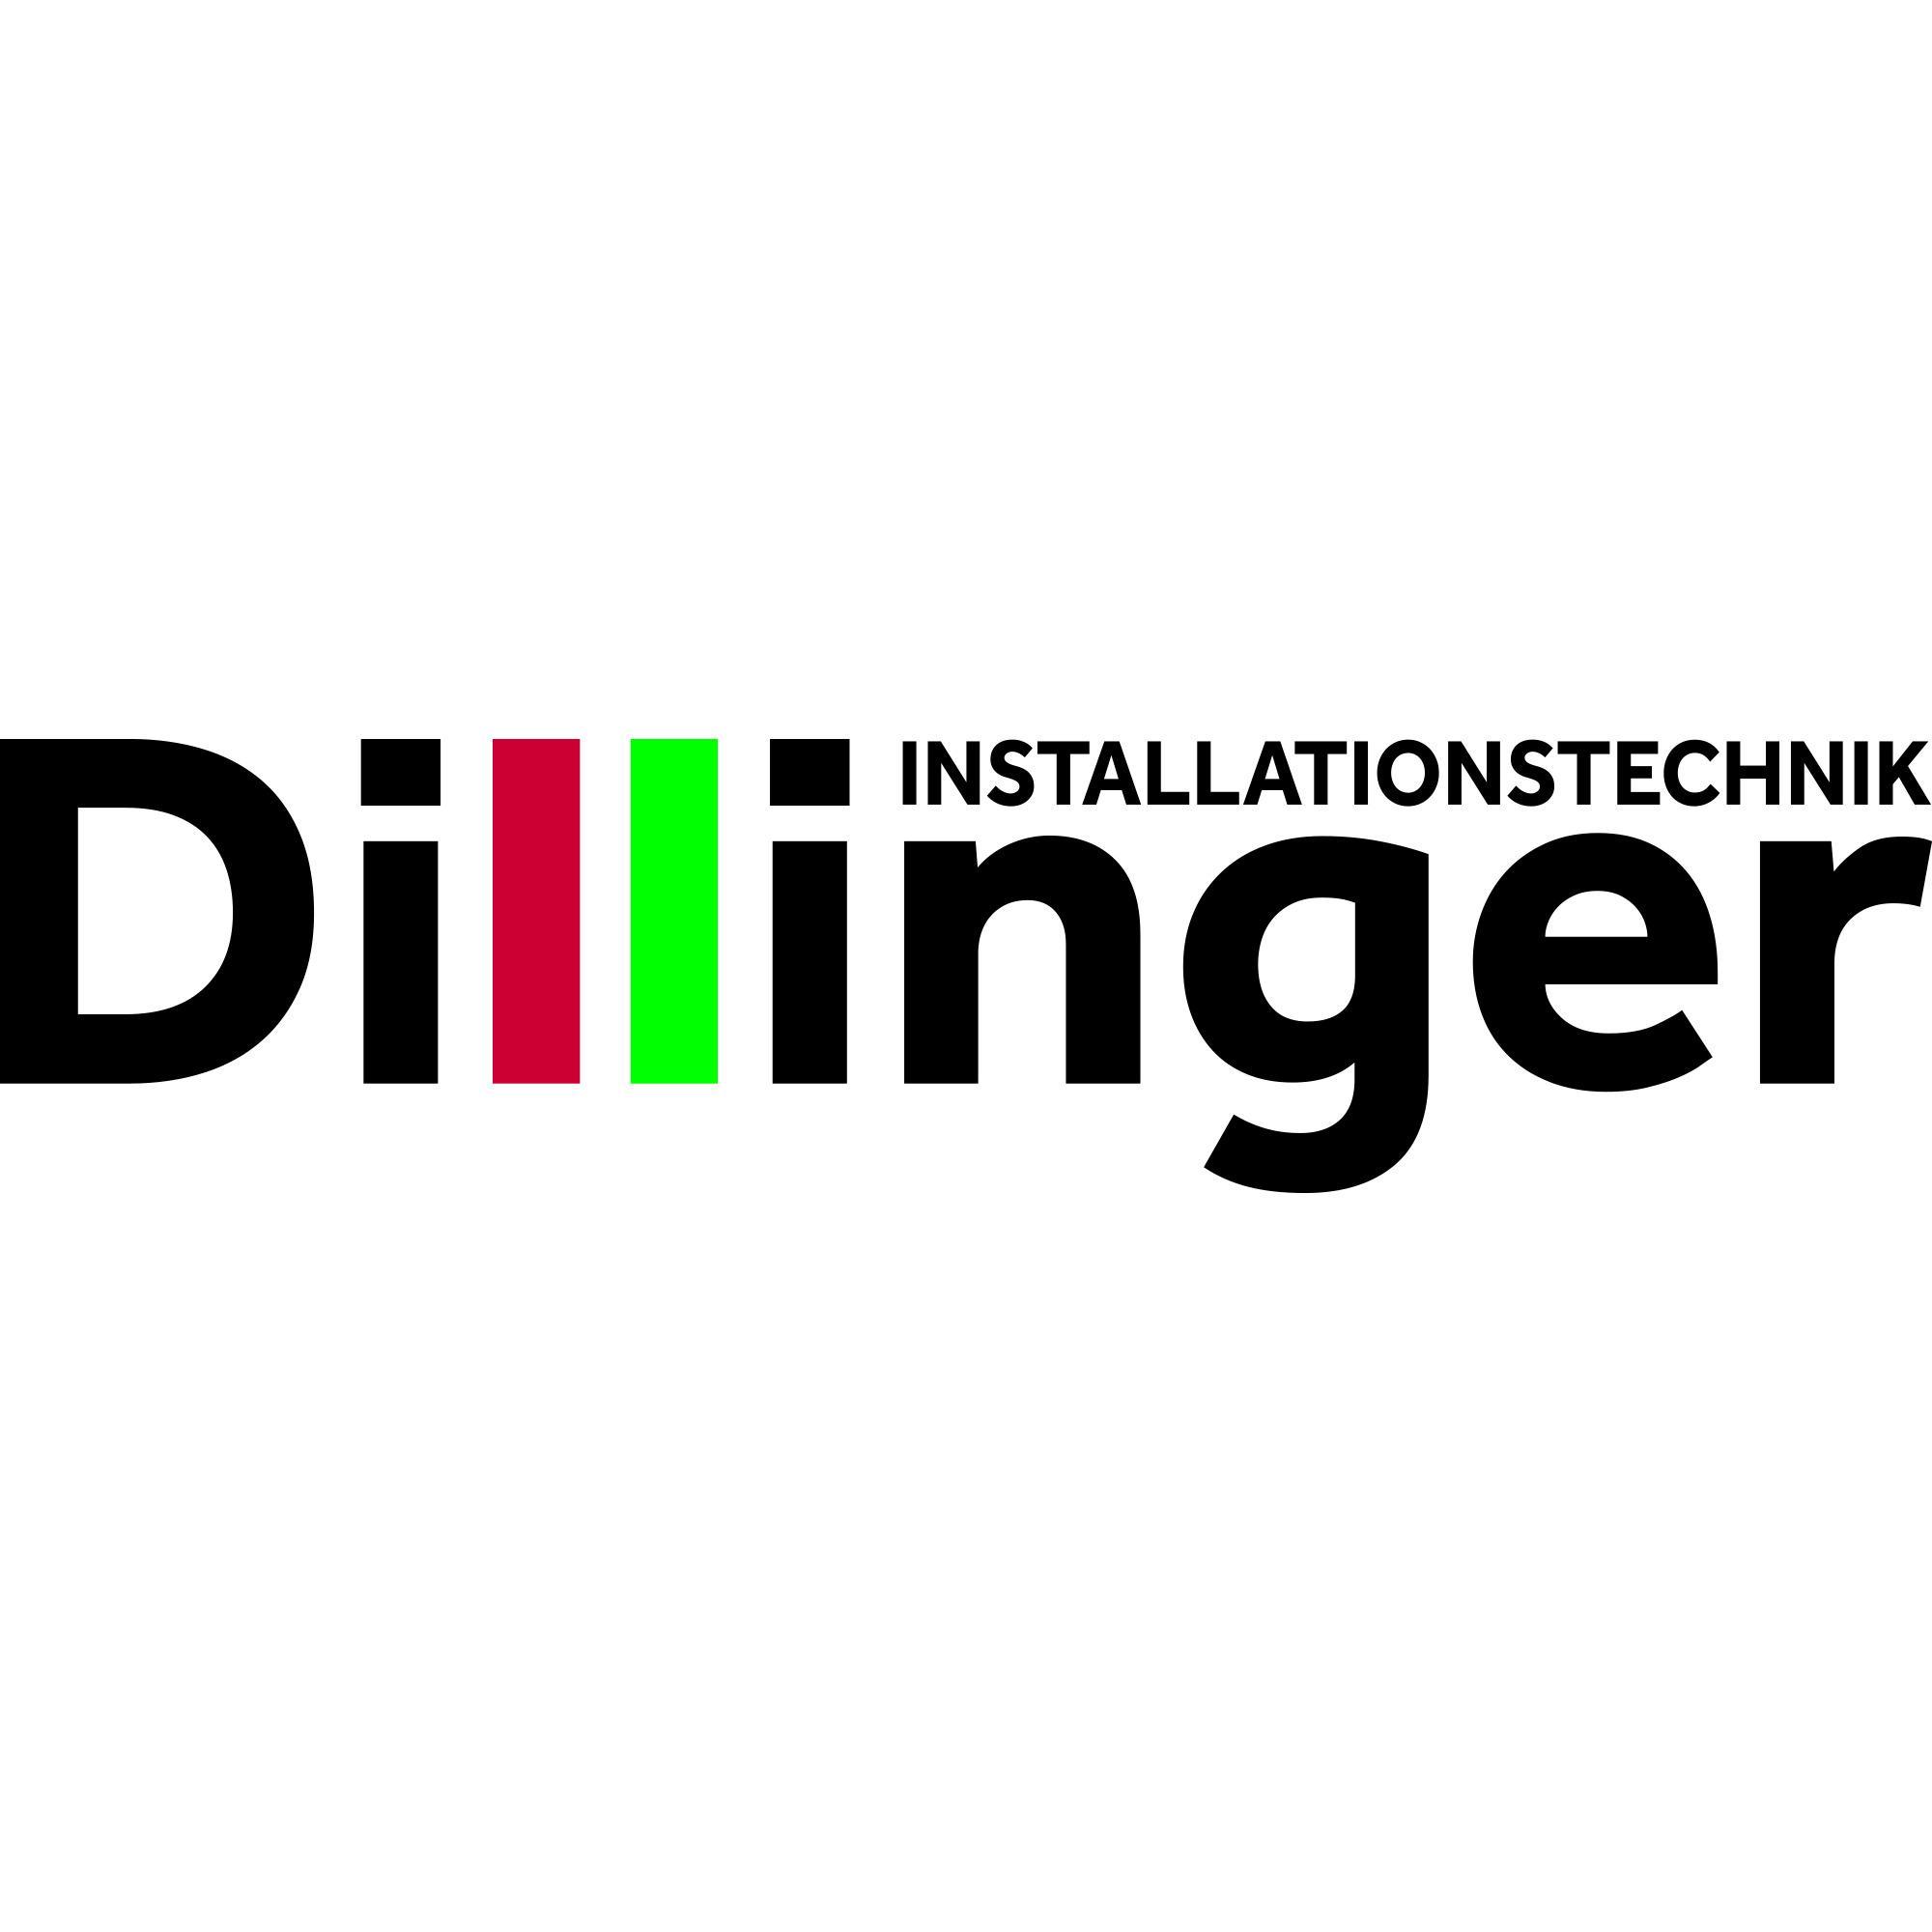 Dillinger Installationstechnik - Wasser und Wärme